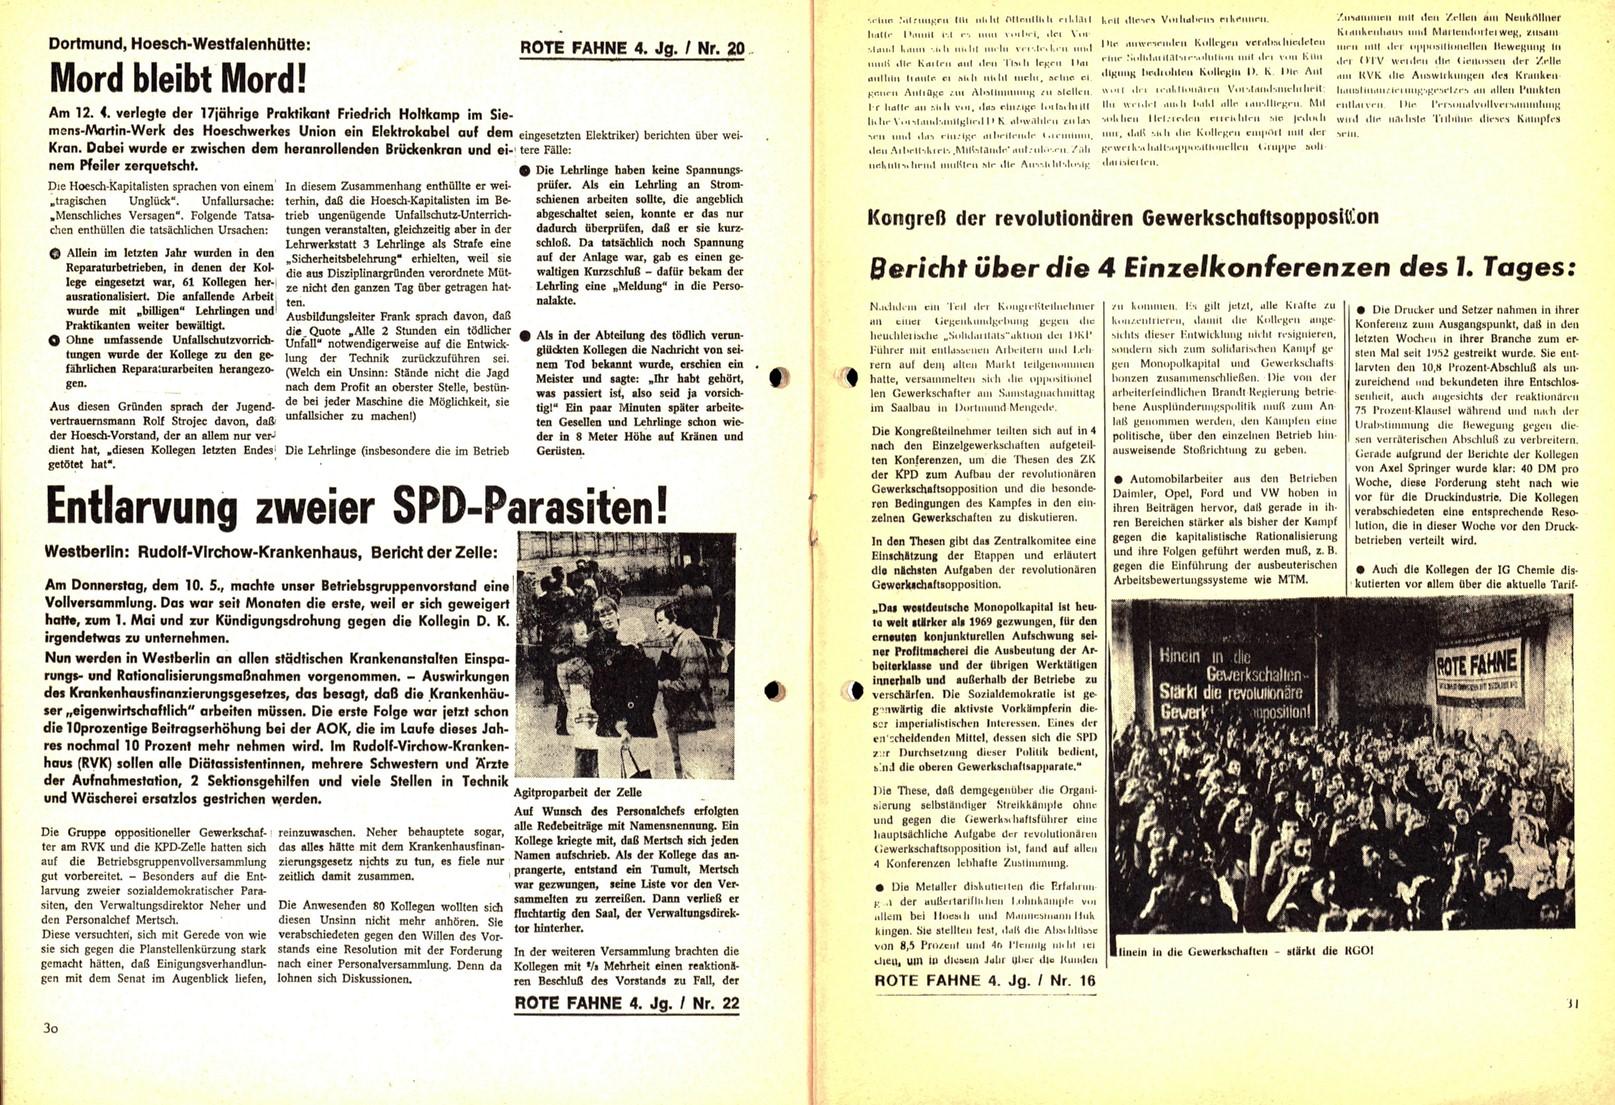 Komitee_Haende_weg_von_der_KPD_1973_Polizeijournalismus_16